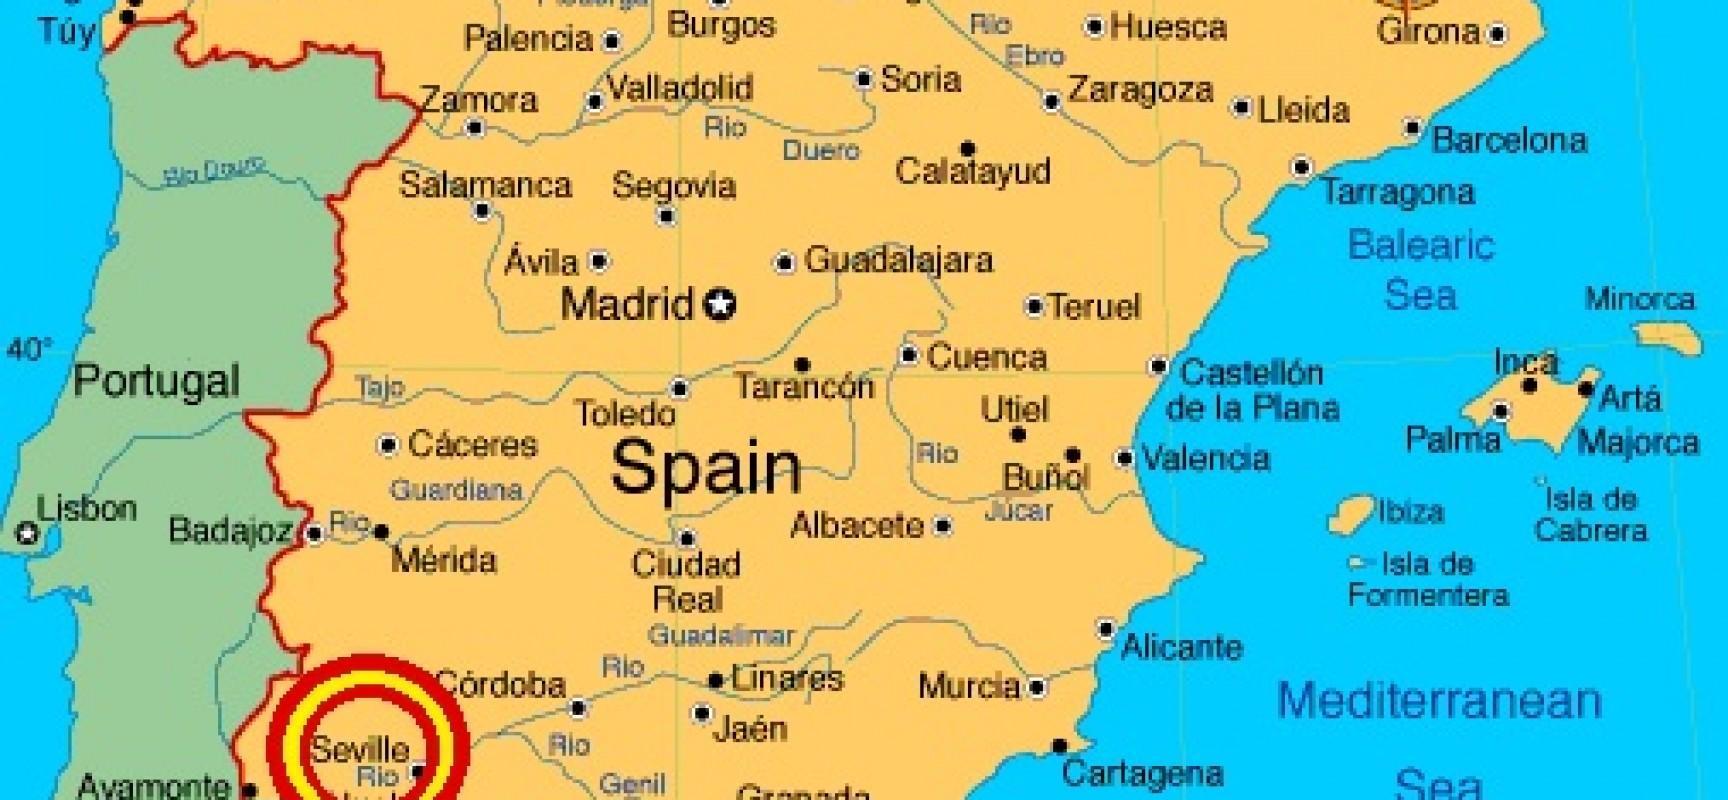 Mapa Da Espanha Mostrando Sevilha Mapa Da Espanha Mostrando